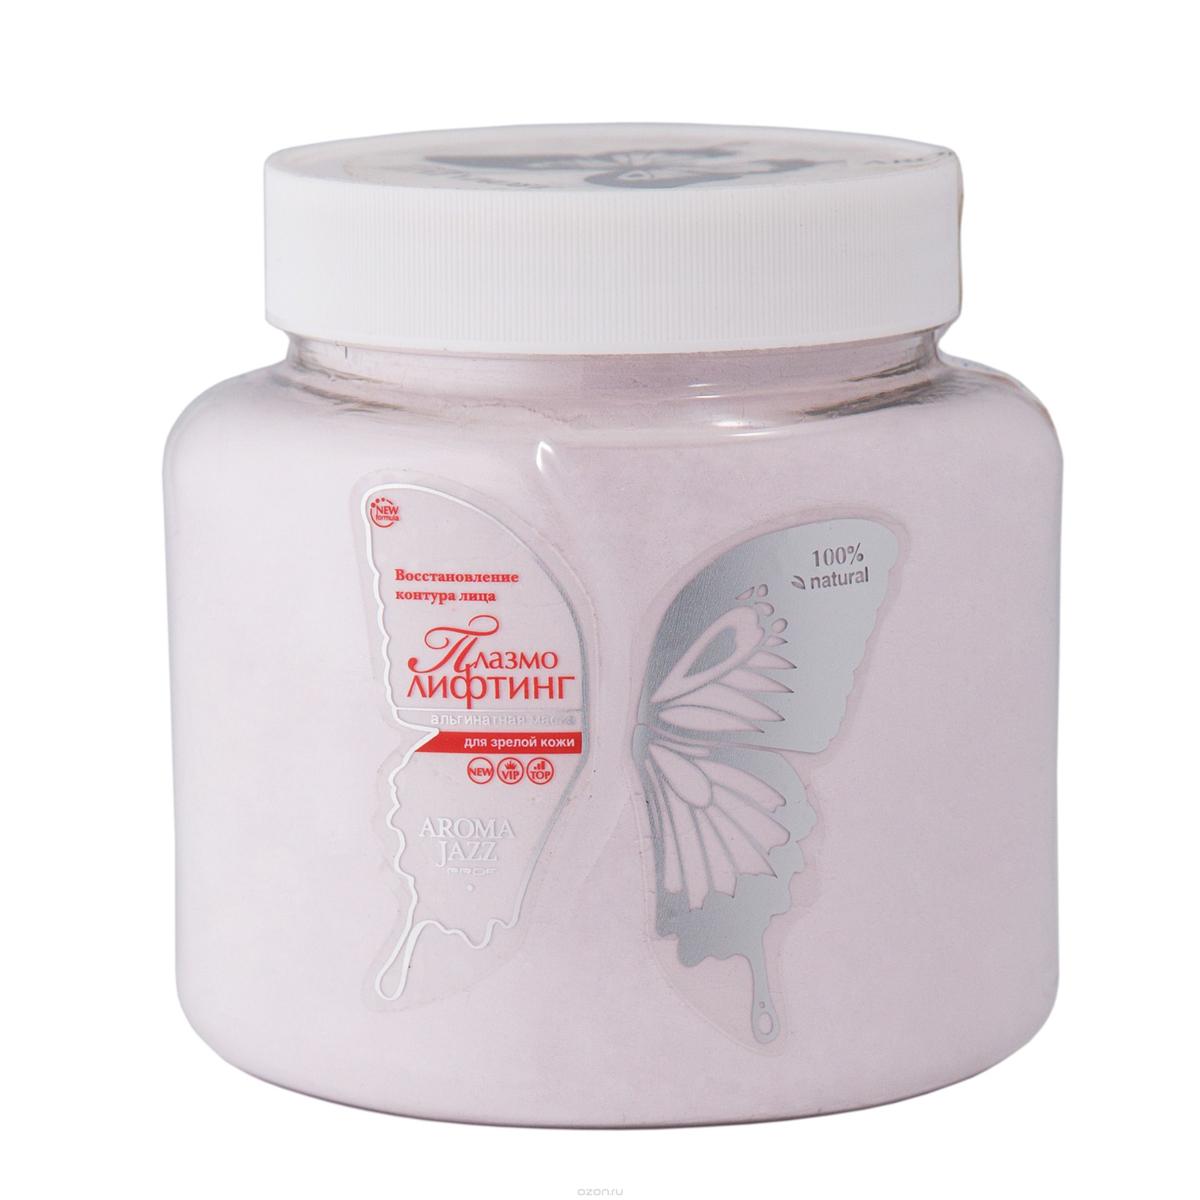 Aroma Jazz Пластифицирующая альгинатная маска для лица Плазмолифтинг, 700 мл2821Действие: маска оказывает интенсивное увлажняющее и тонизирующее действие, способствует восстановлению и поддержанию естественного PH-баланса кожи, обеспечивает защиту клеток от свободных радикалов, обладает противоотечным действием, омолаживает и корректирует овал лица. Маска не требует смывания водой. Через 30 минут она легко снимается в виде мягкого пластичного слепка. Противопоказания: индивидуальная непереносимость компонентов. Срок хранения: 24 месяца